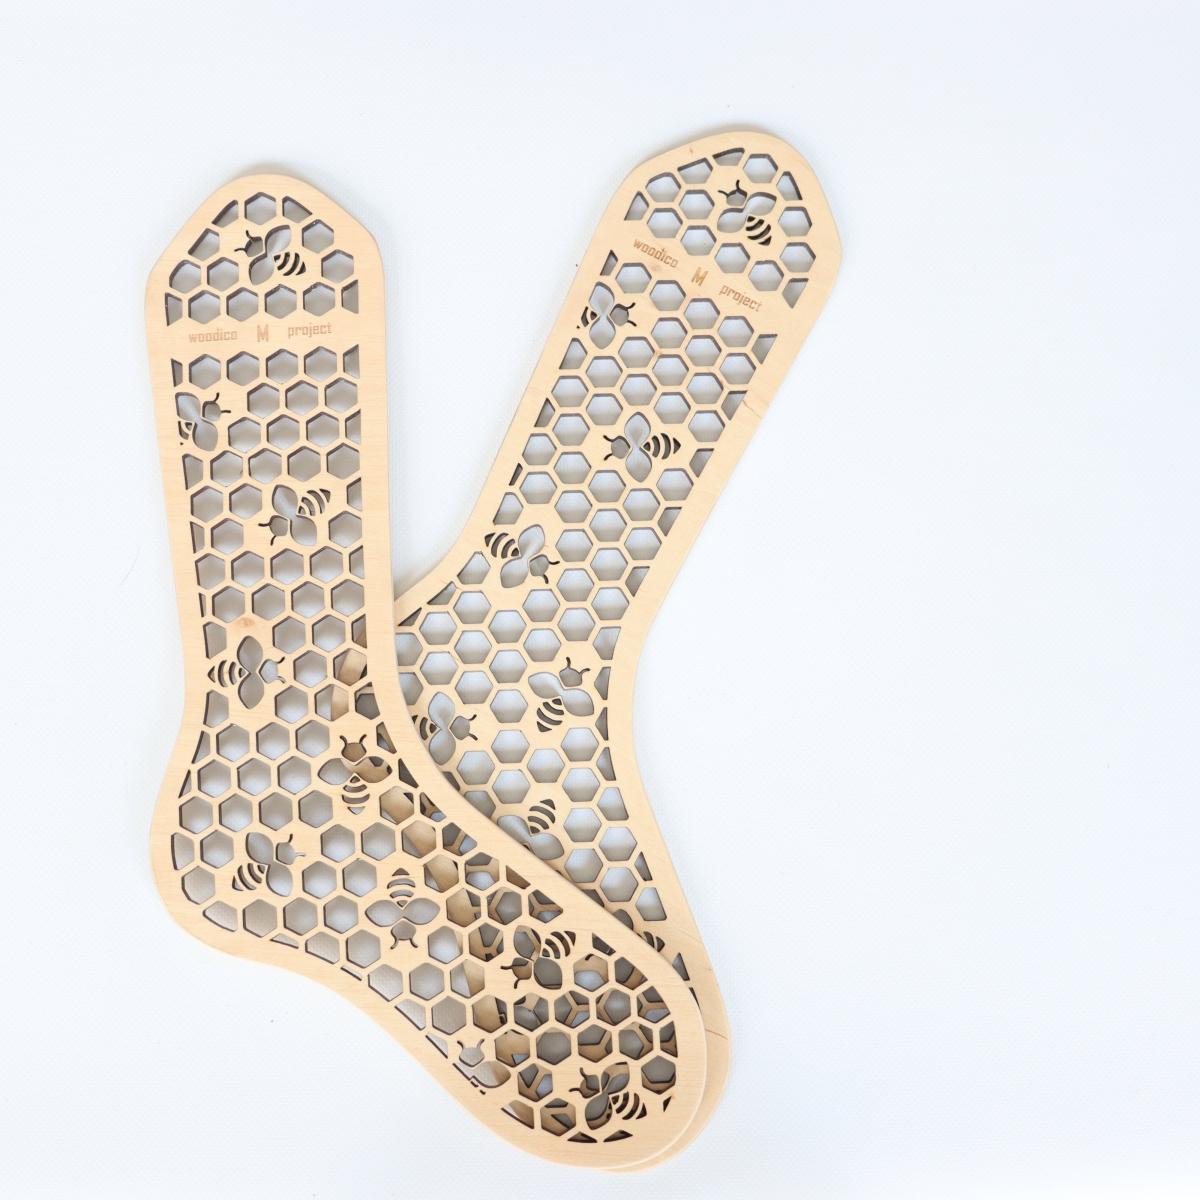 woodico.pro wooden sock blockers hooneycomb 4 1200x1200 - Wooden sock blockers / Honeycomb